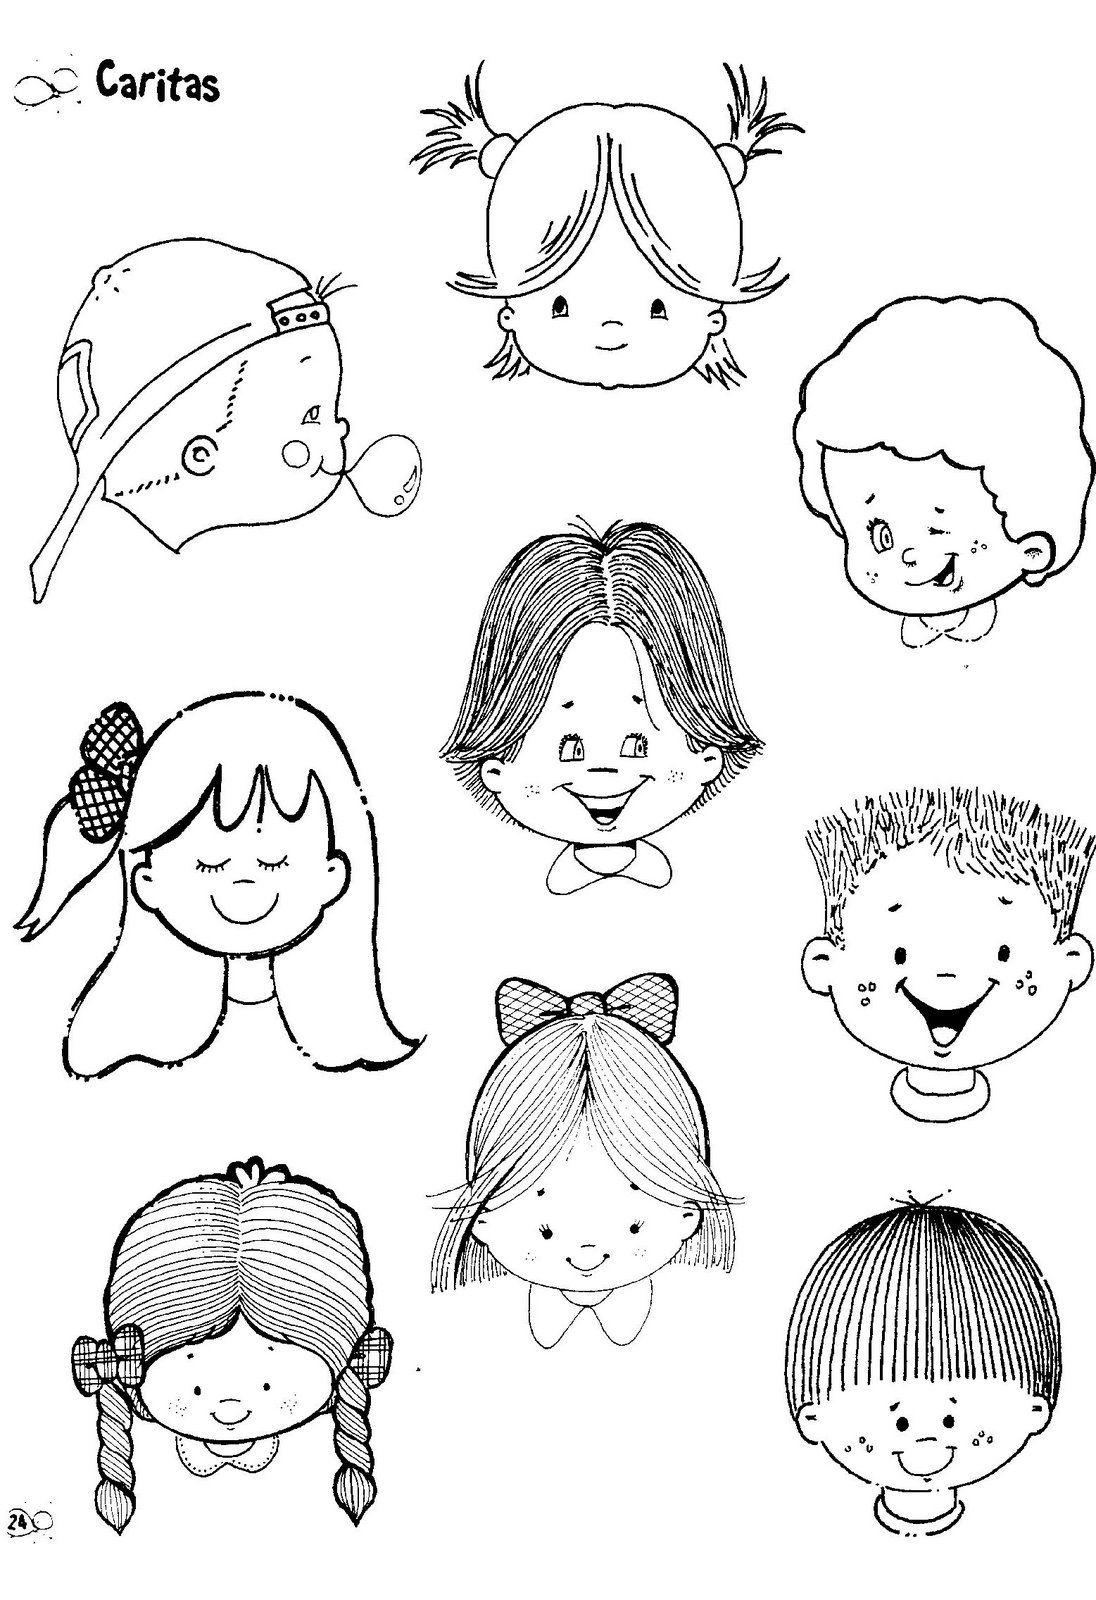 Fichas Infantiles: Caritas para colorear e imprimir